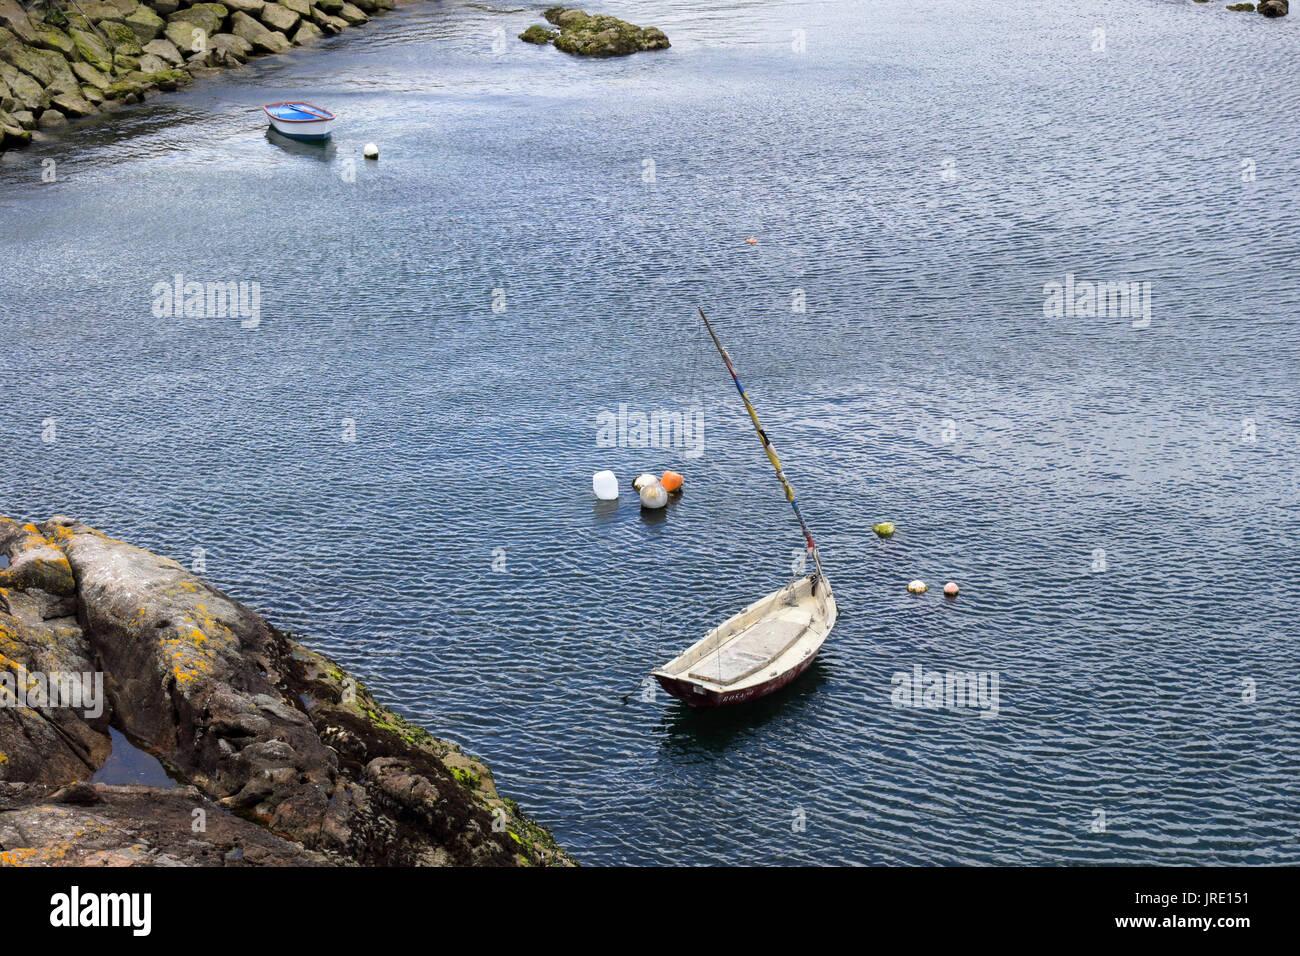 Zwei kleine weiße Boote aus Holz in einem Hafen neben einem Felsen Pier und Klippen mit einige Bojen verankert. Stockbild